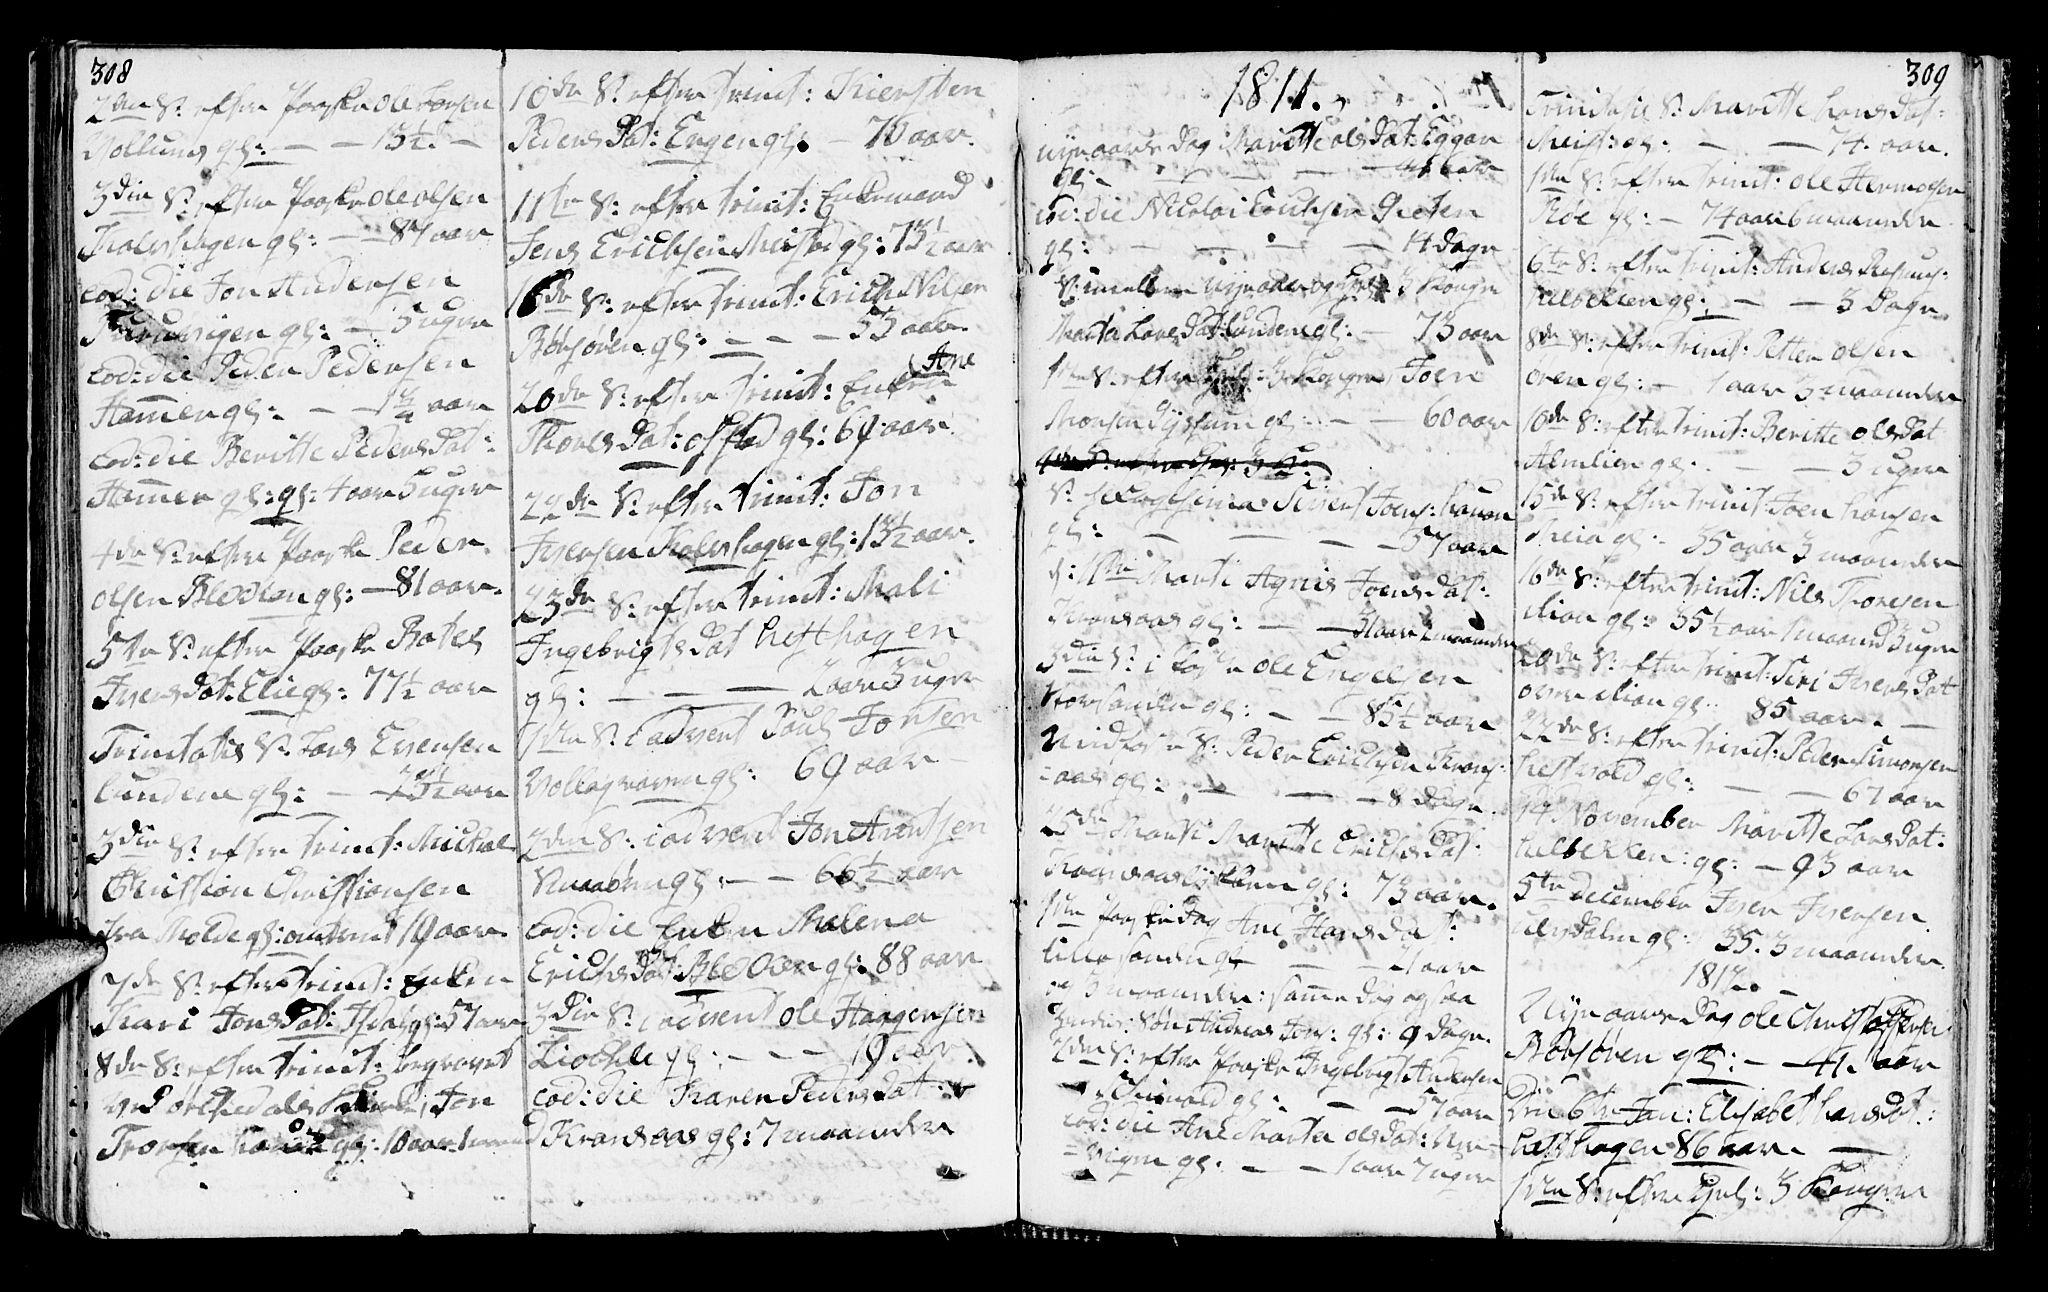 SAT, Ministerialprotokoller, klokkerbøker og fødselsregistre - Sør-Trøndelag, 665/L0769: Ministerialbok nr. 665A04, 1803-1816, s. 308-309